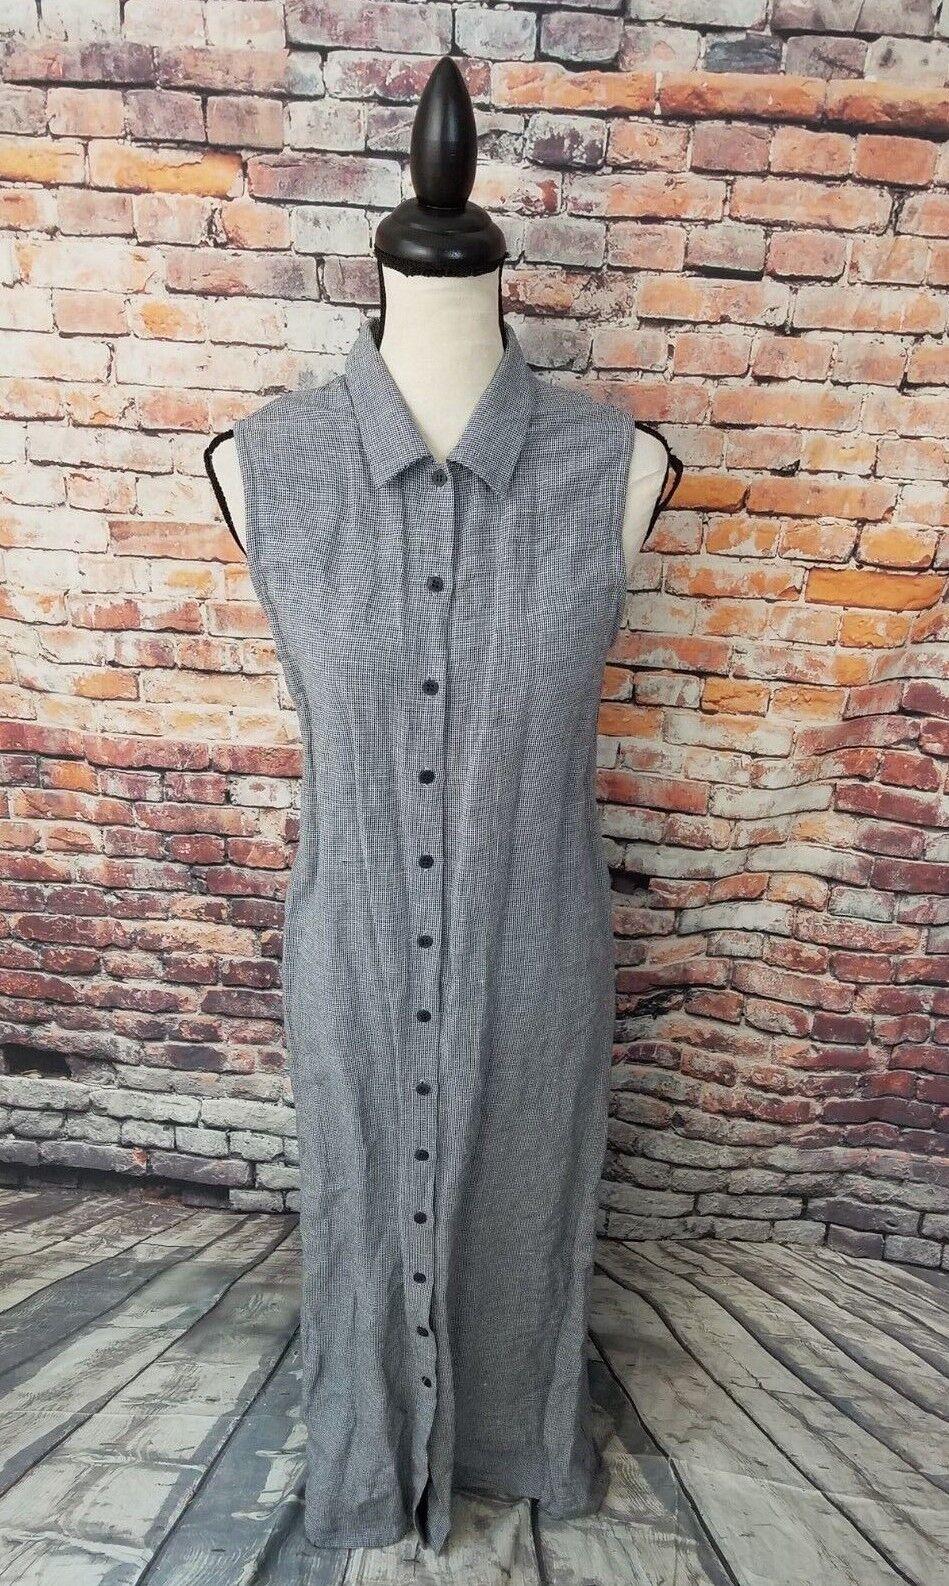 VTG Eileen Fisher Sleeveless Grey Button Up LINEN HOUNDSTOOTH Shirt Dress Sz S